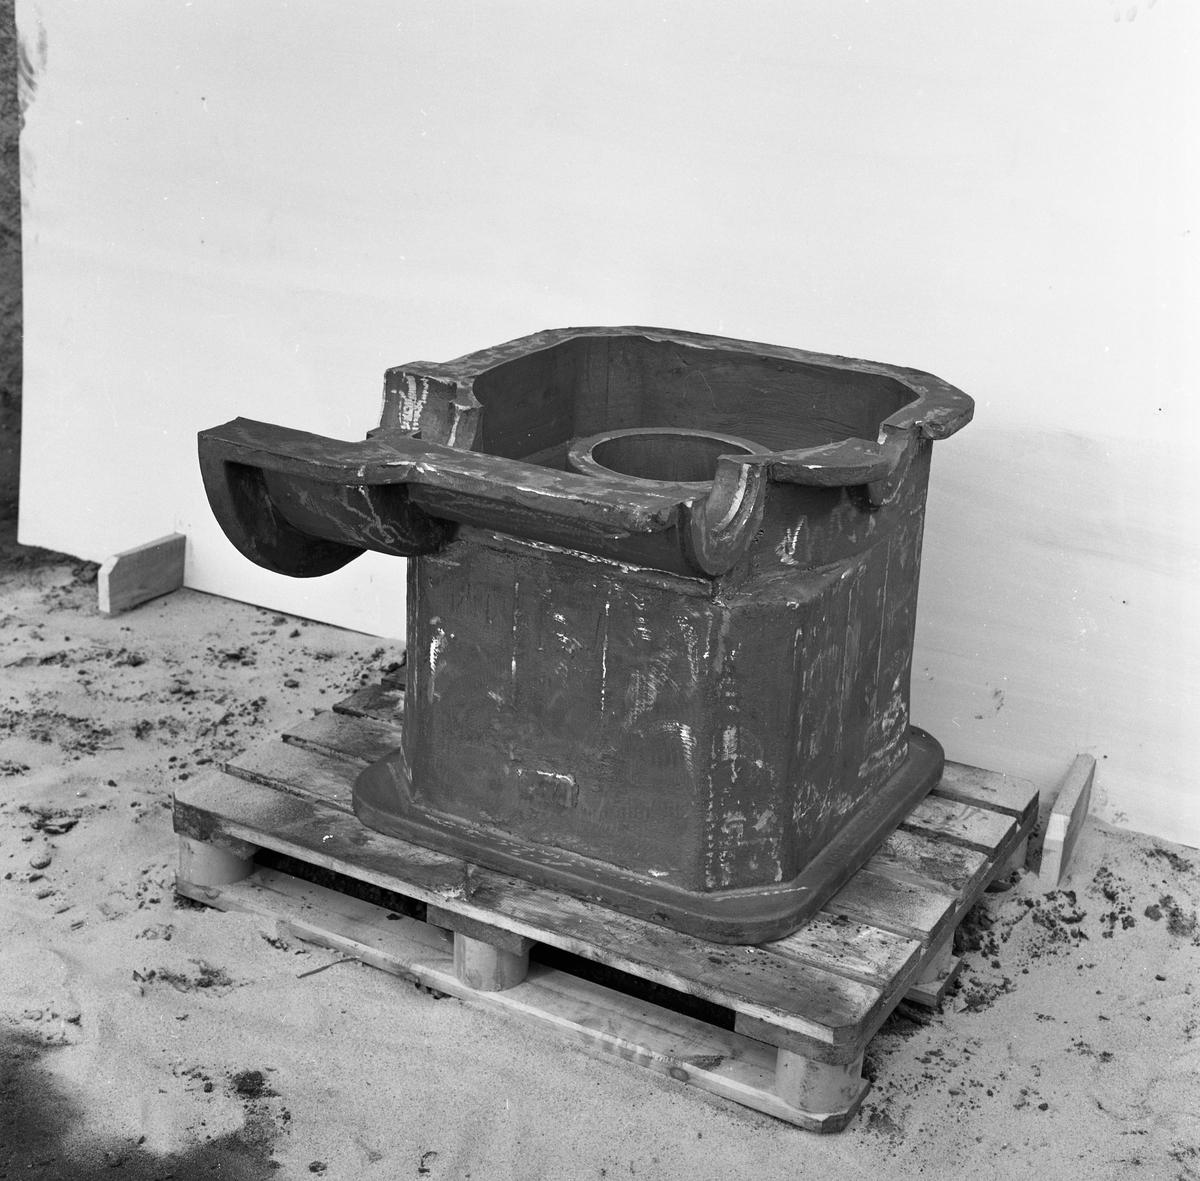 Arboga Mekaniska Verkstad, gjutgods på gjuteriet.  25 september 1856 fick AB Arboga Mekaniska Verkstad rättigheter att anlägga järngjuteri och mekanisk verkstad. Verksamheten startade 1858. Meken var först i landet med att installera en elektrisk motor för drift av verktygsmaskiner vid en taktransmission (1887).  Gjuteriet lades ner 1967. Den mekaniska verkstaden lades ner på 1980-talet.